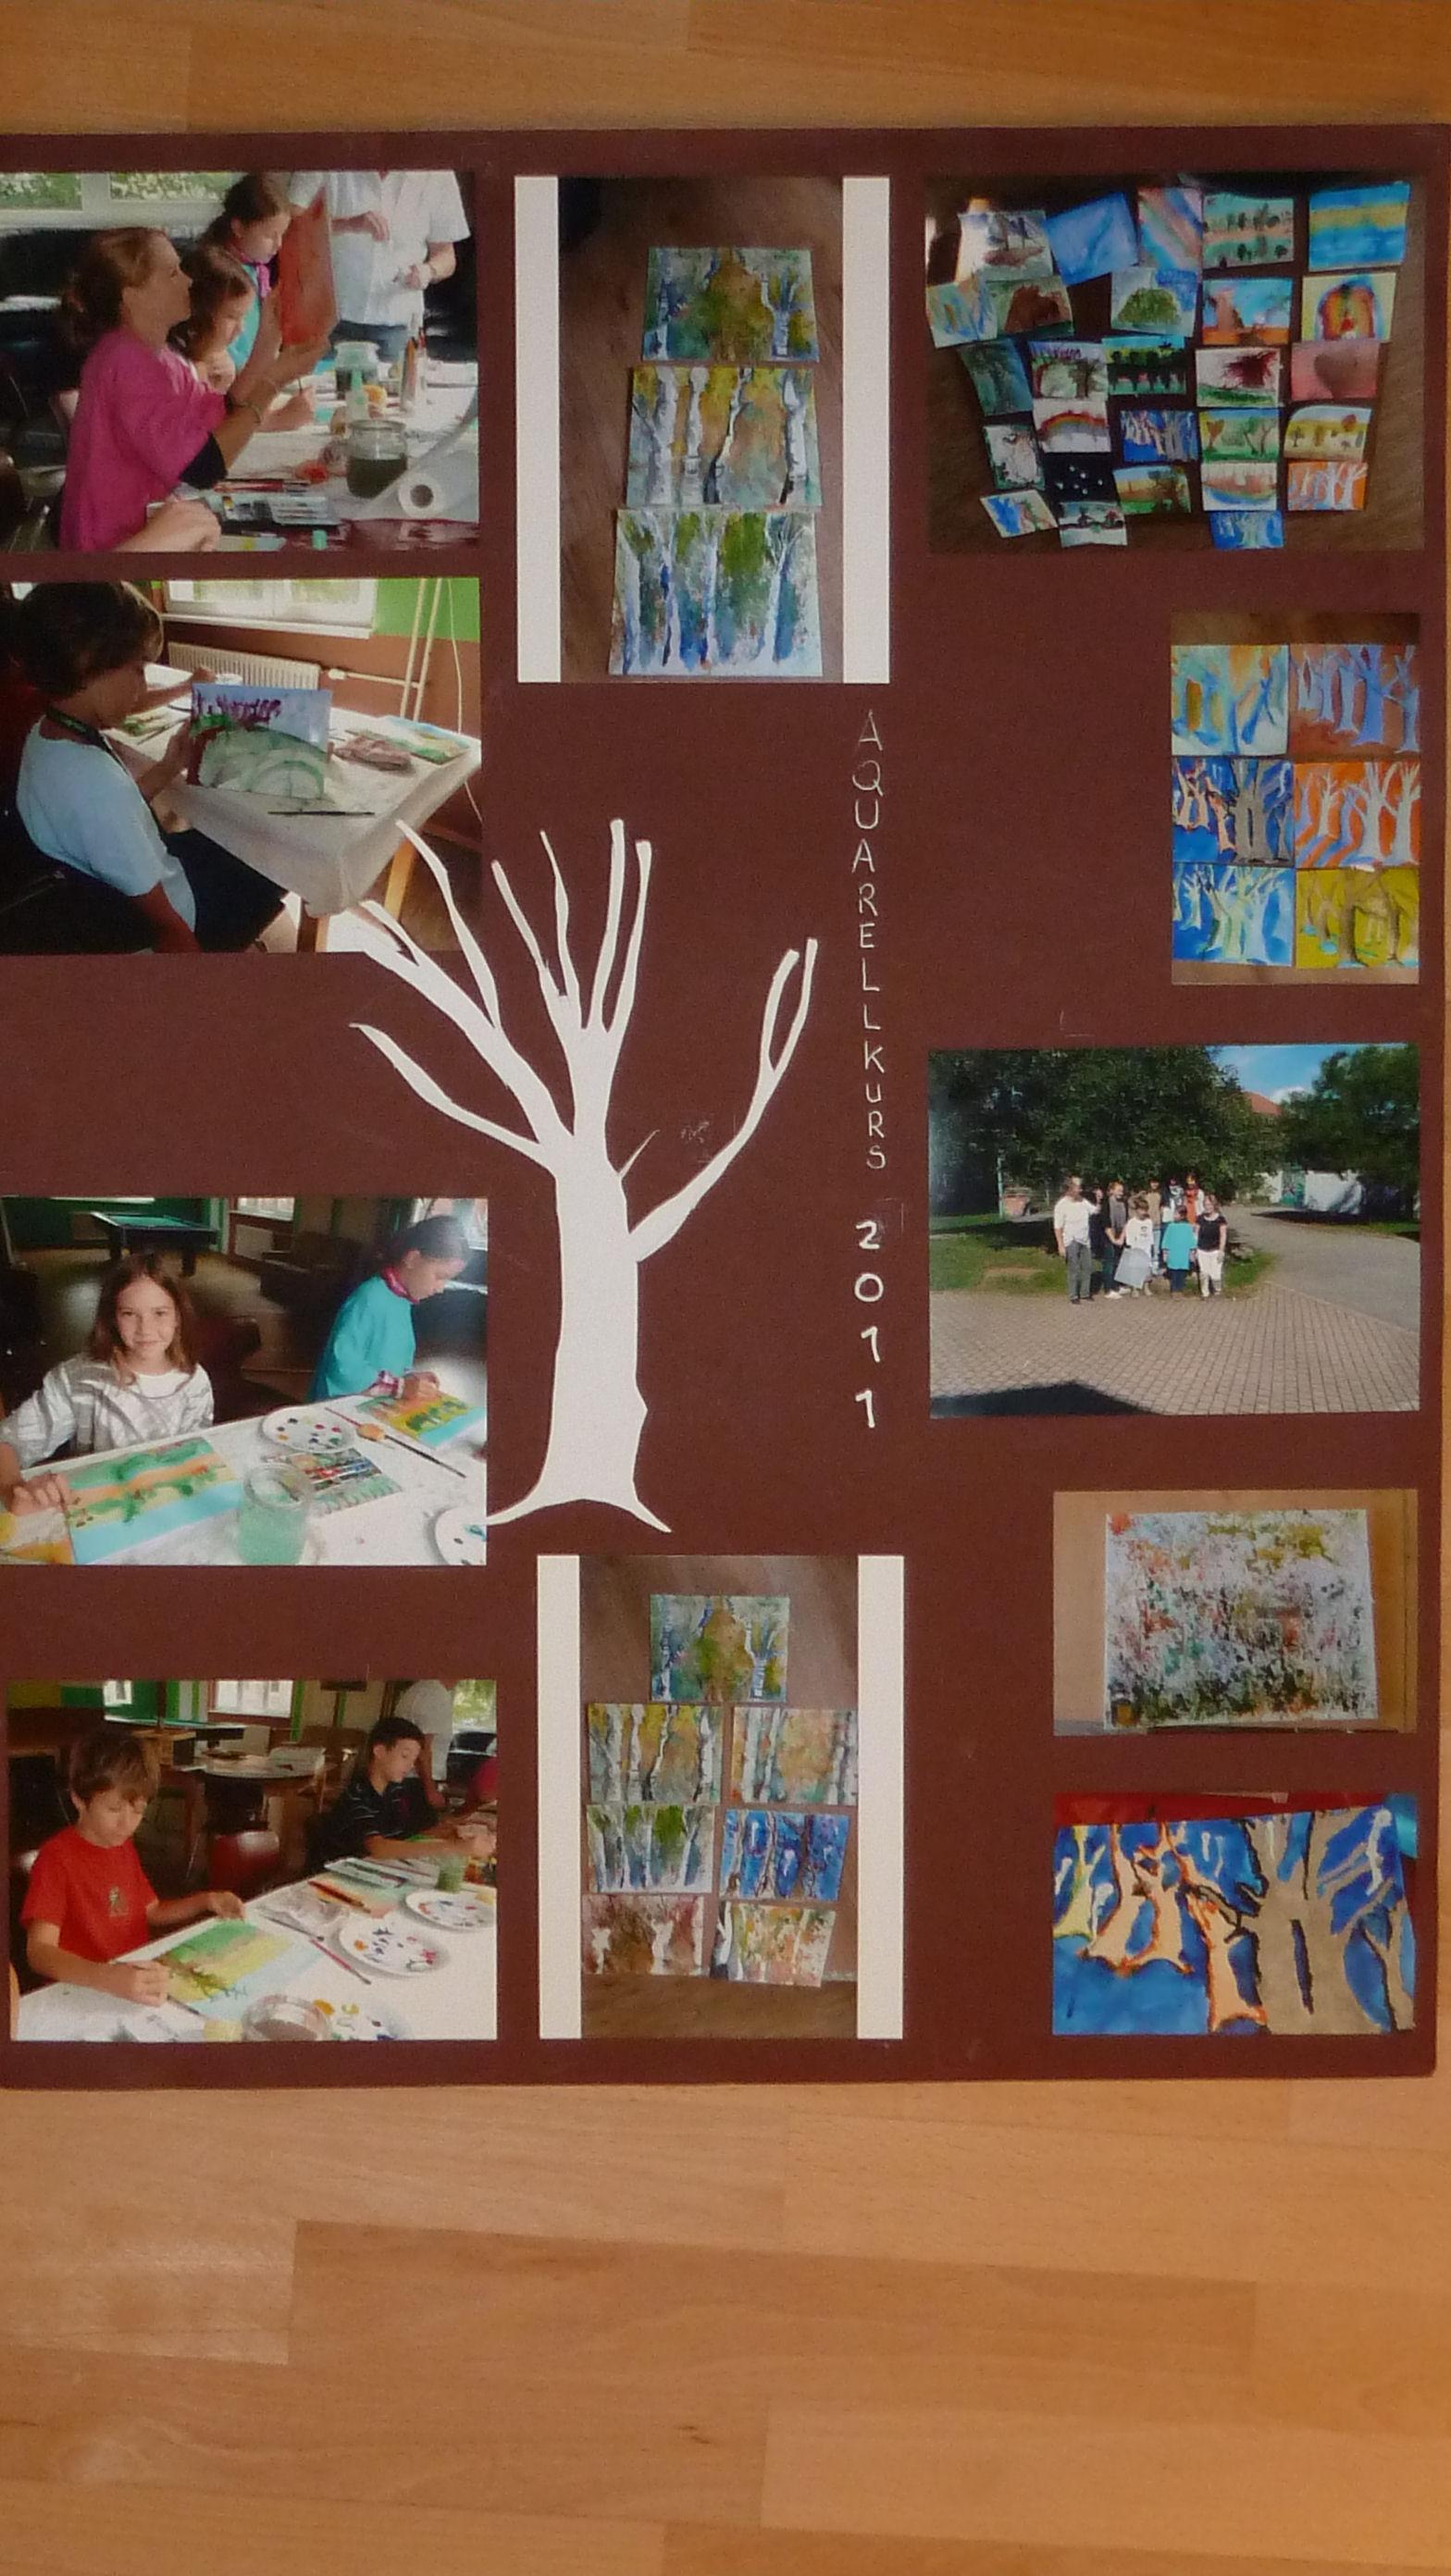 AusstellungKinderMalen09092011